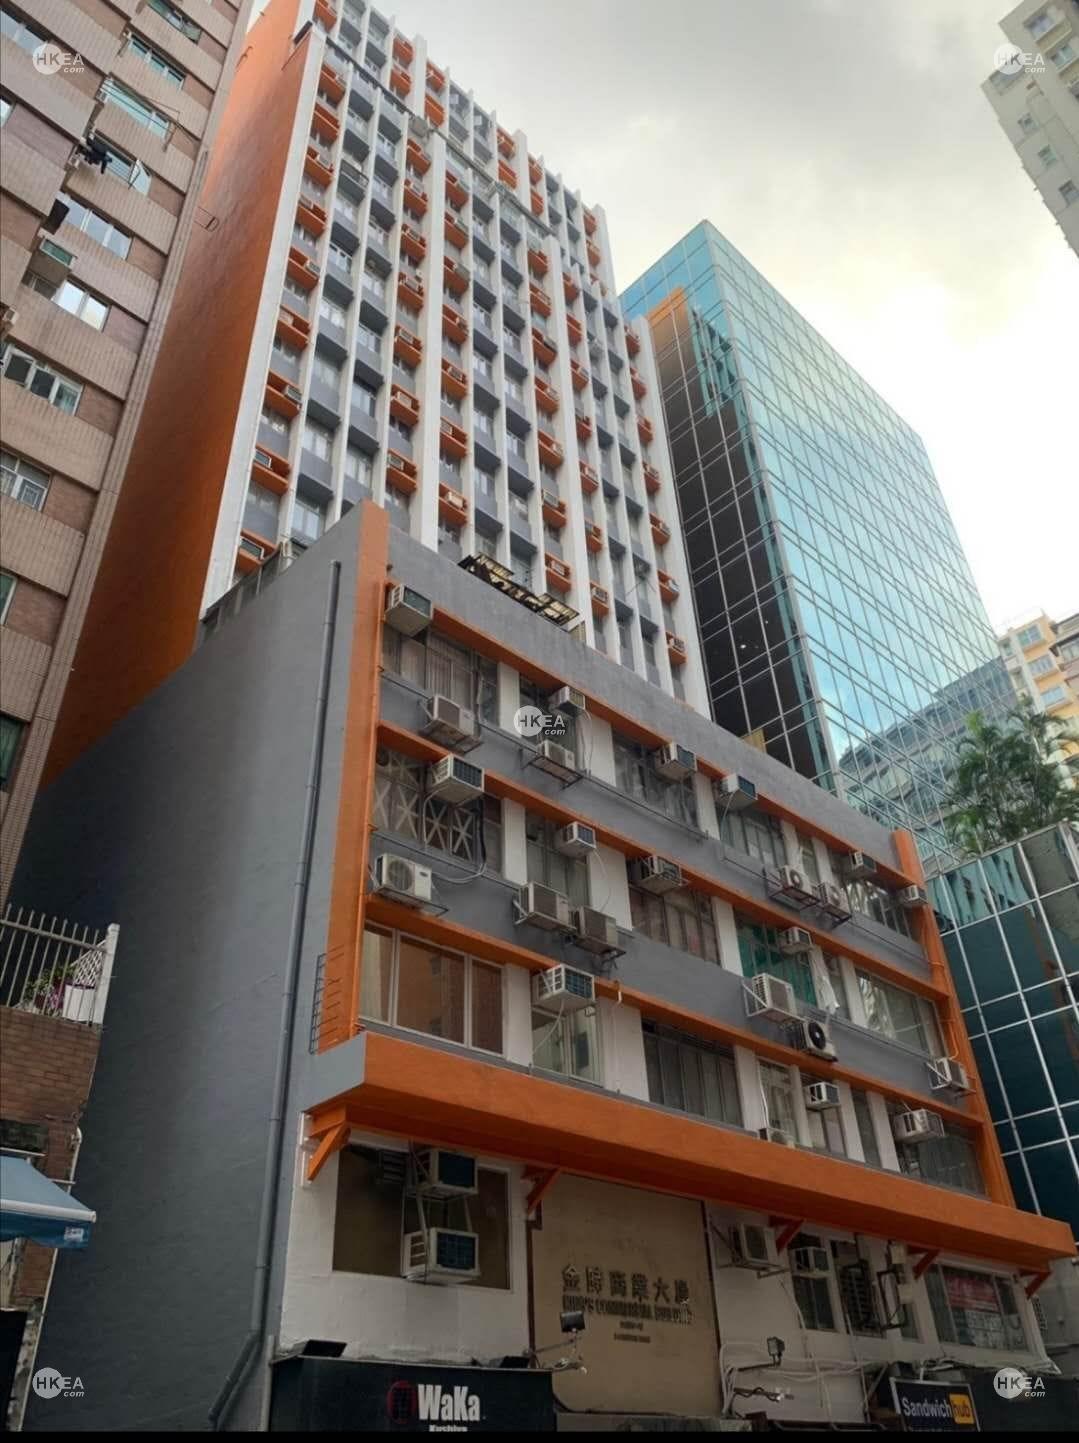 尖沙咀|工商舖|金時商業大廈|漆咸圍 2-4號